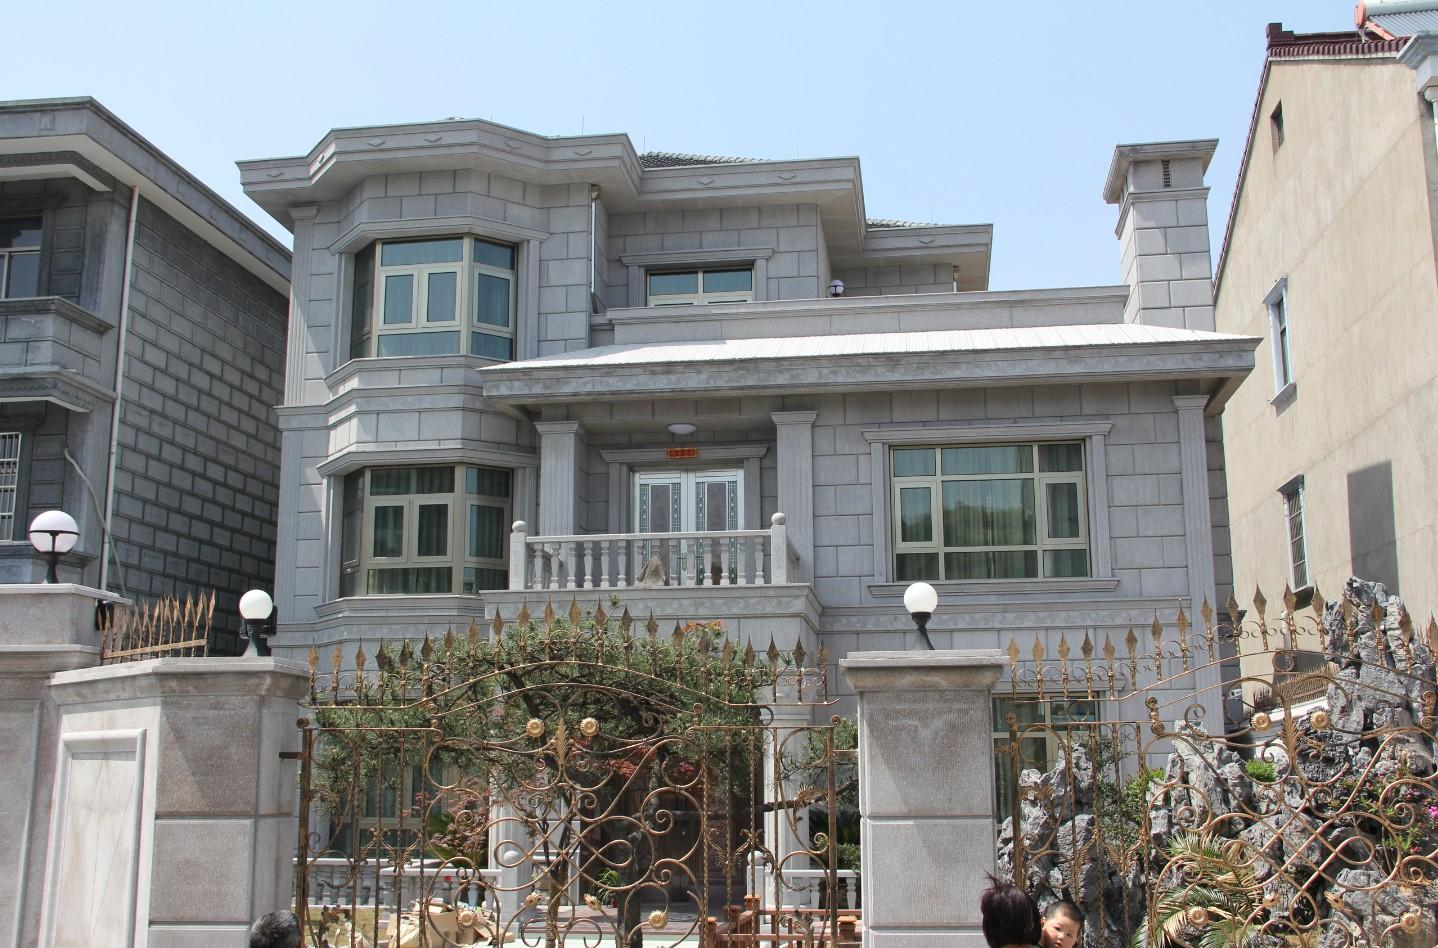 装修效果图大门外墙瓷砖效果图房子外墙瓷砖效果